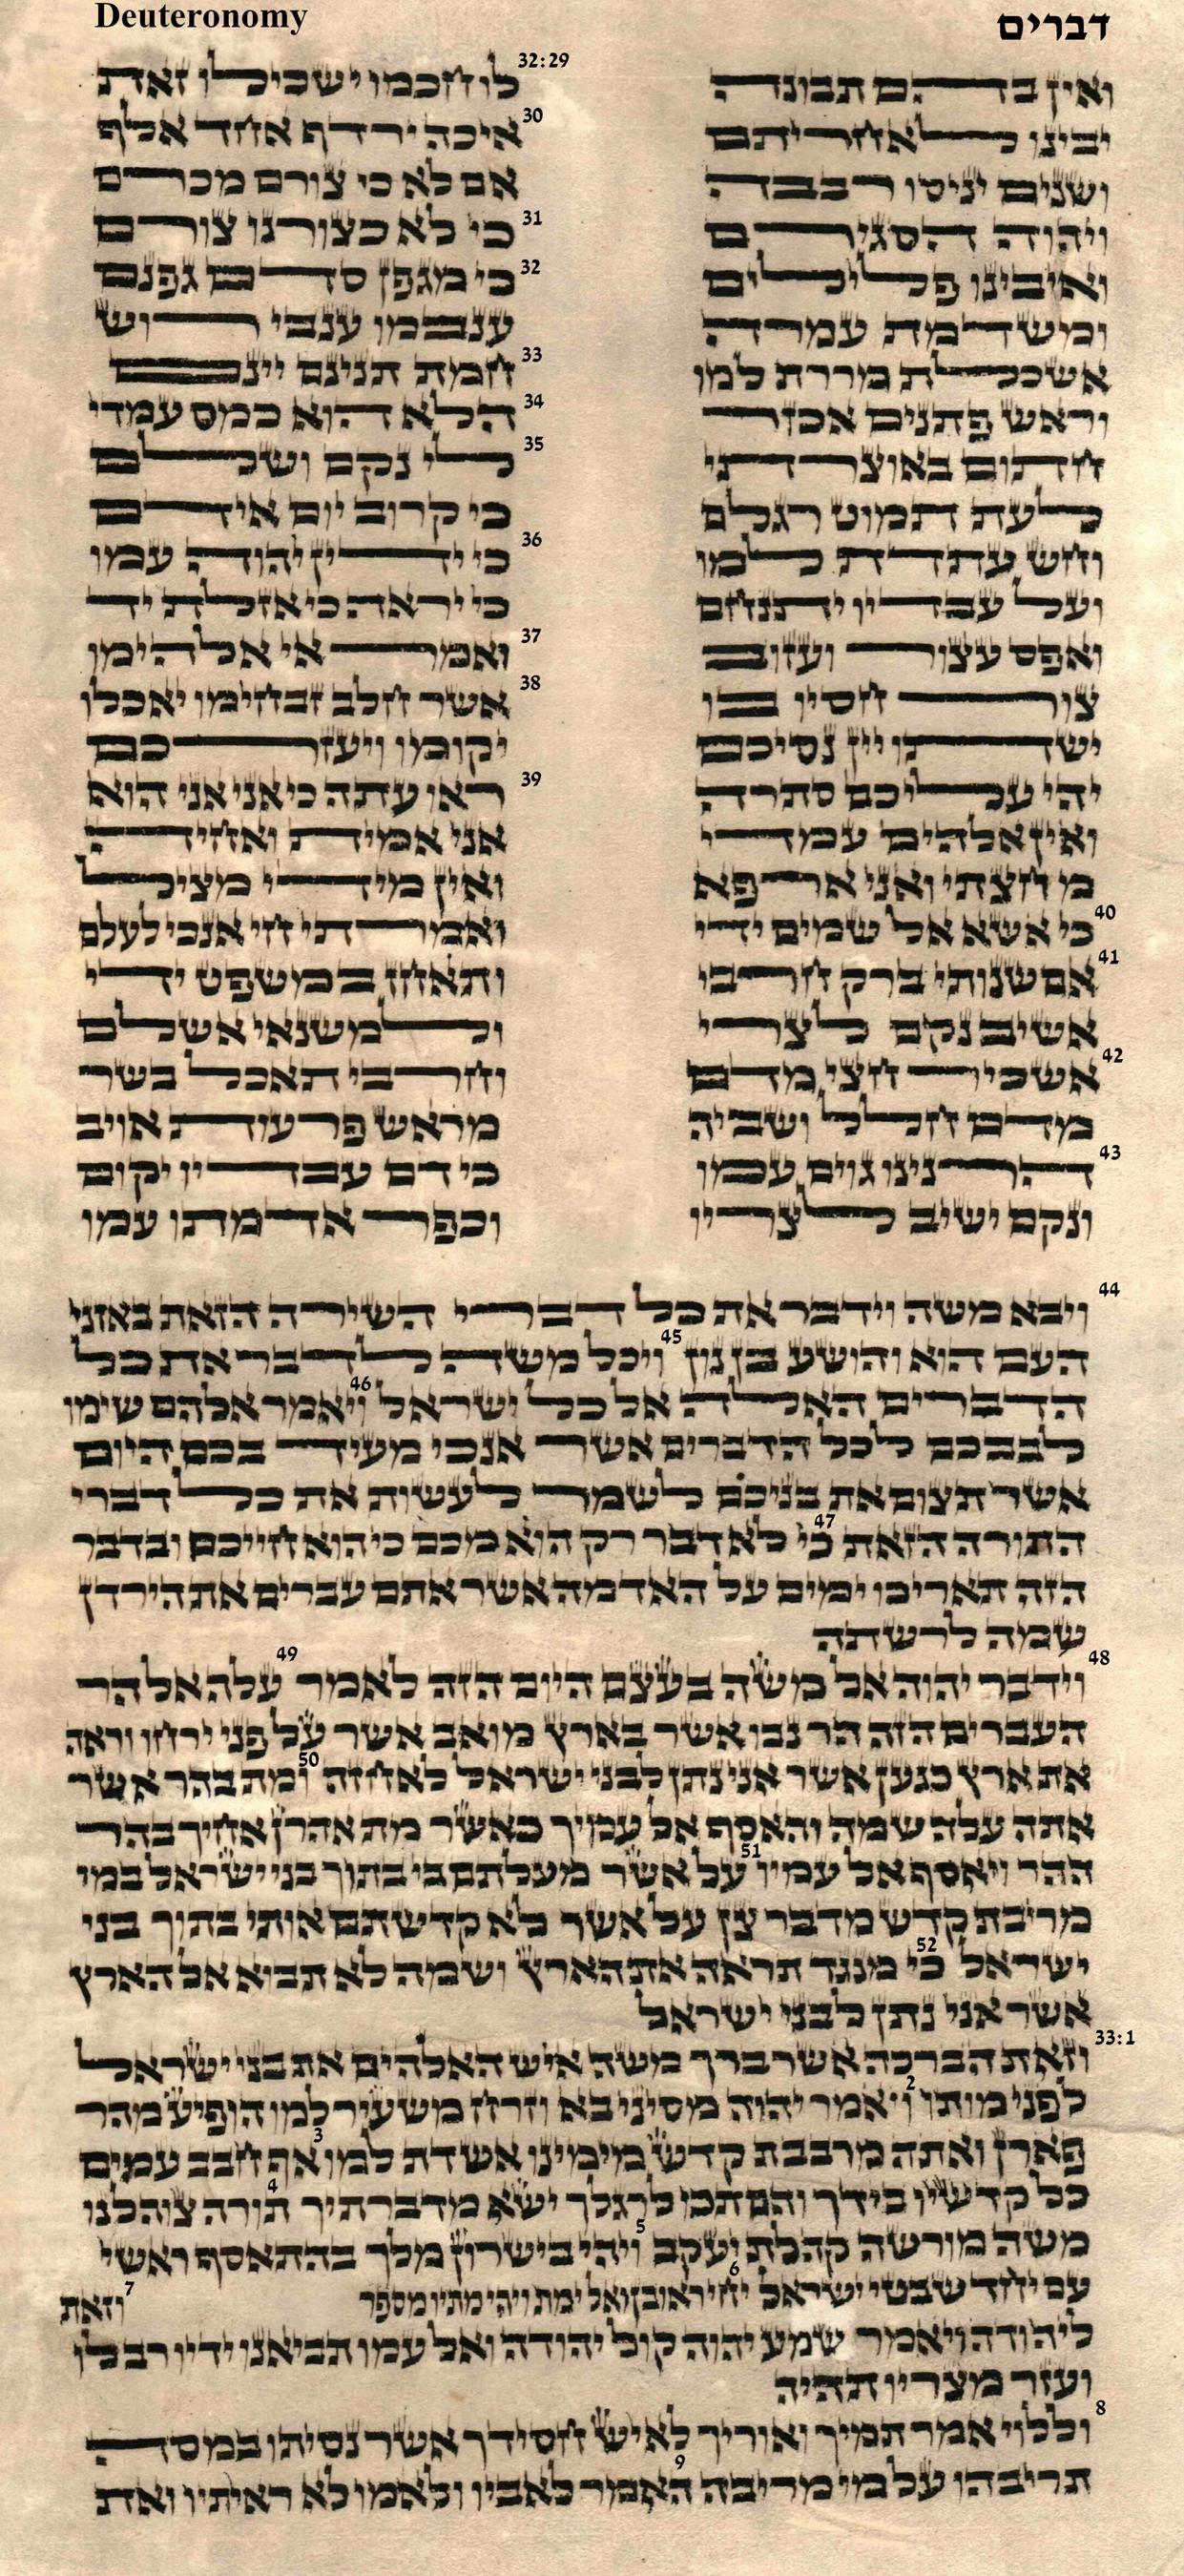 Deuteronomy 32.29 - 33.9